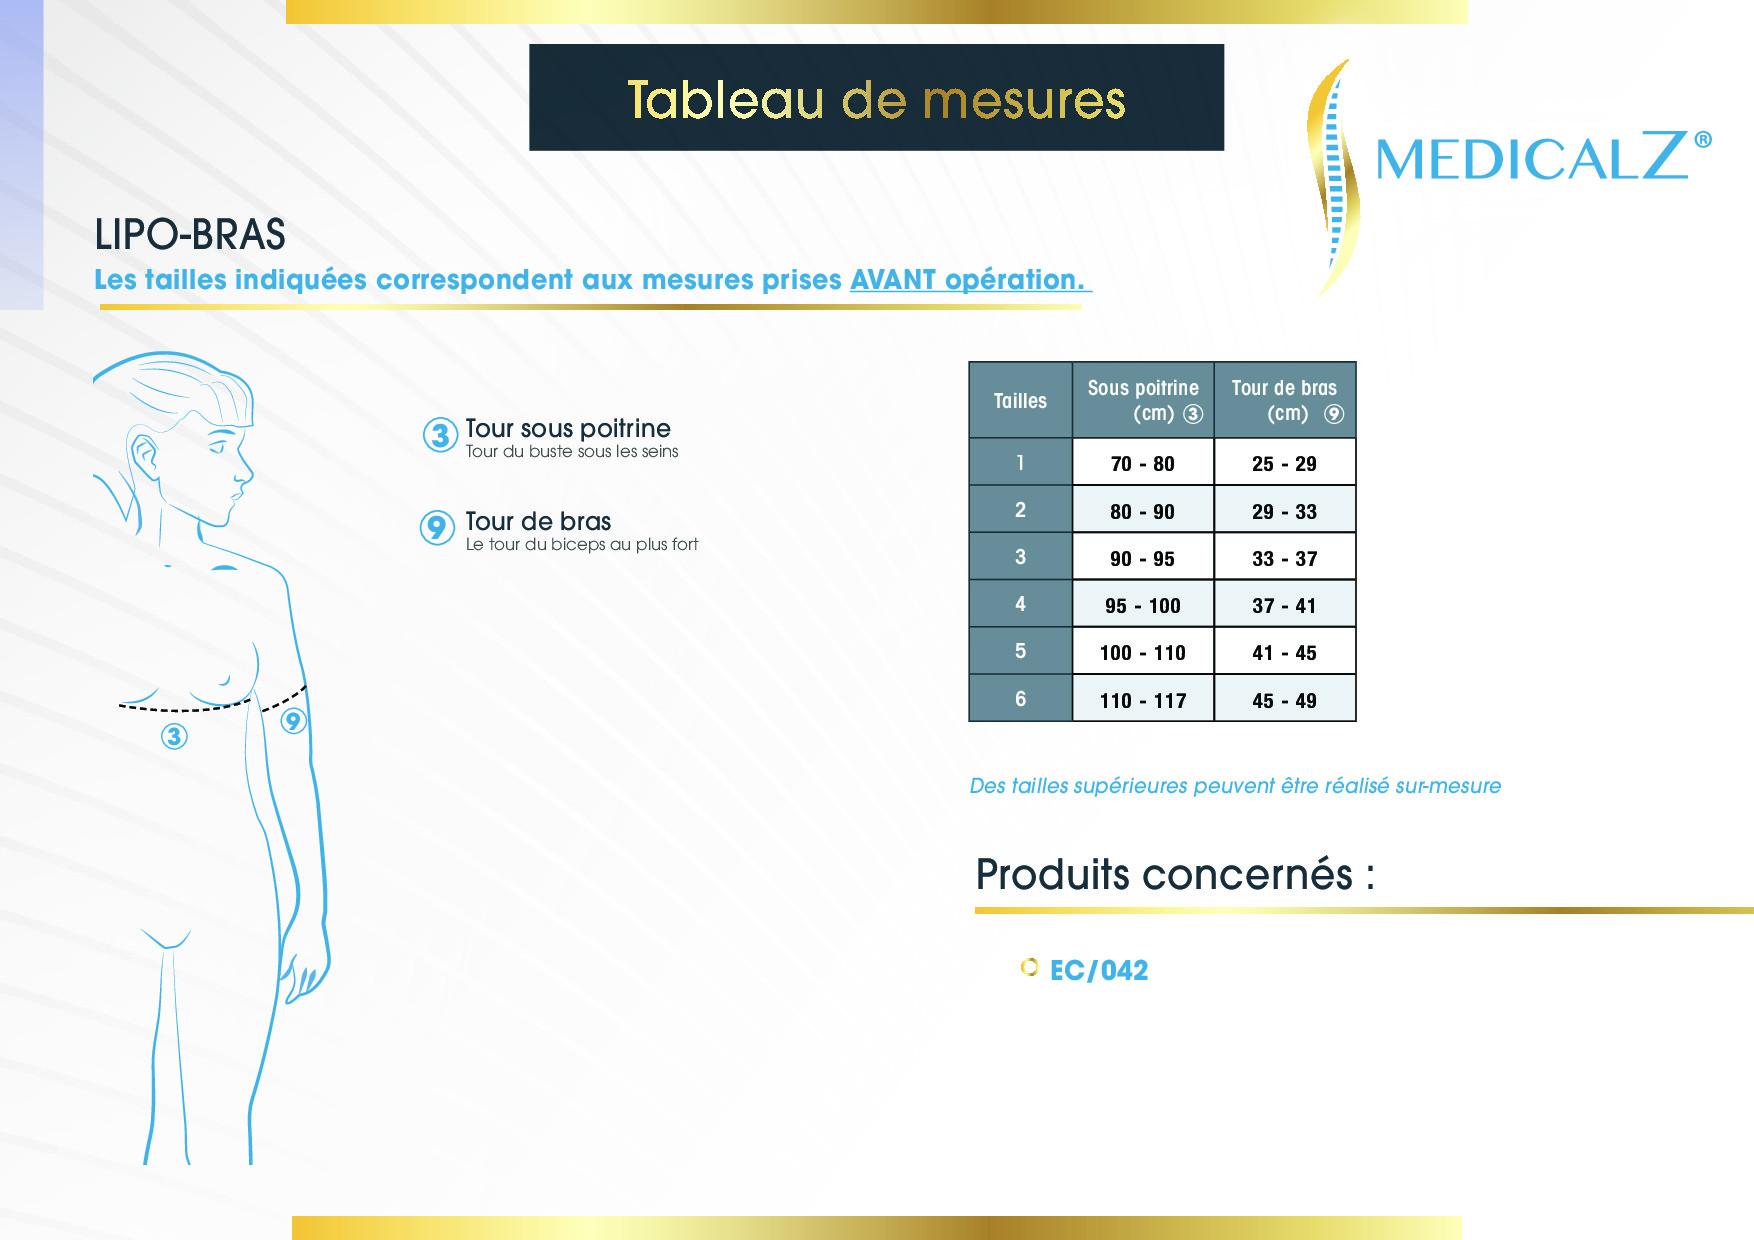 Lipo-bras Medical Z